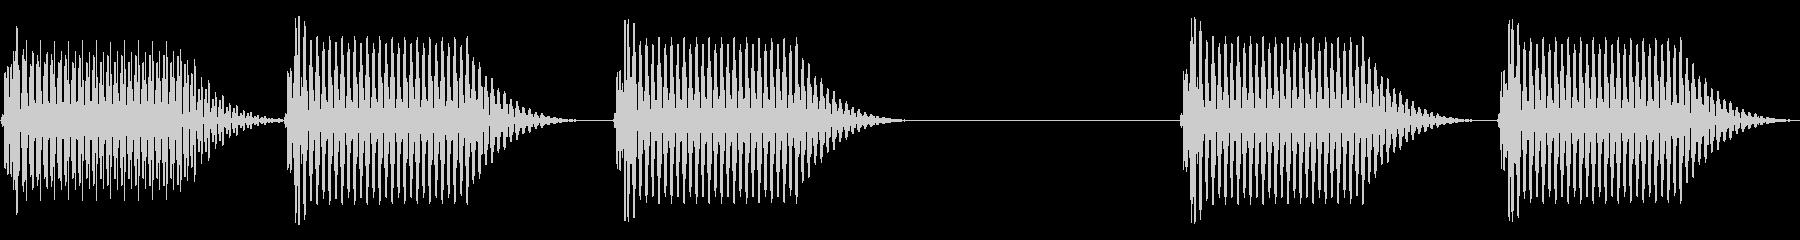 往年のRPG風 セリフ・吹き出し音 8の未再生の波形